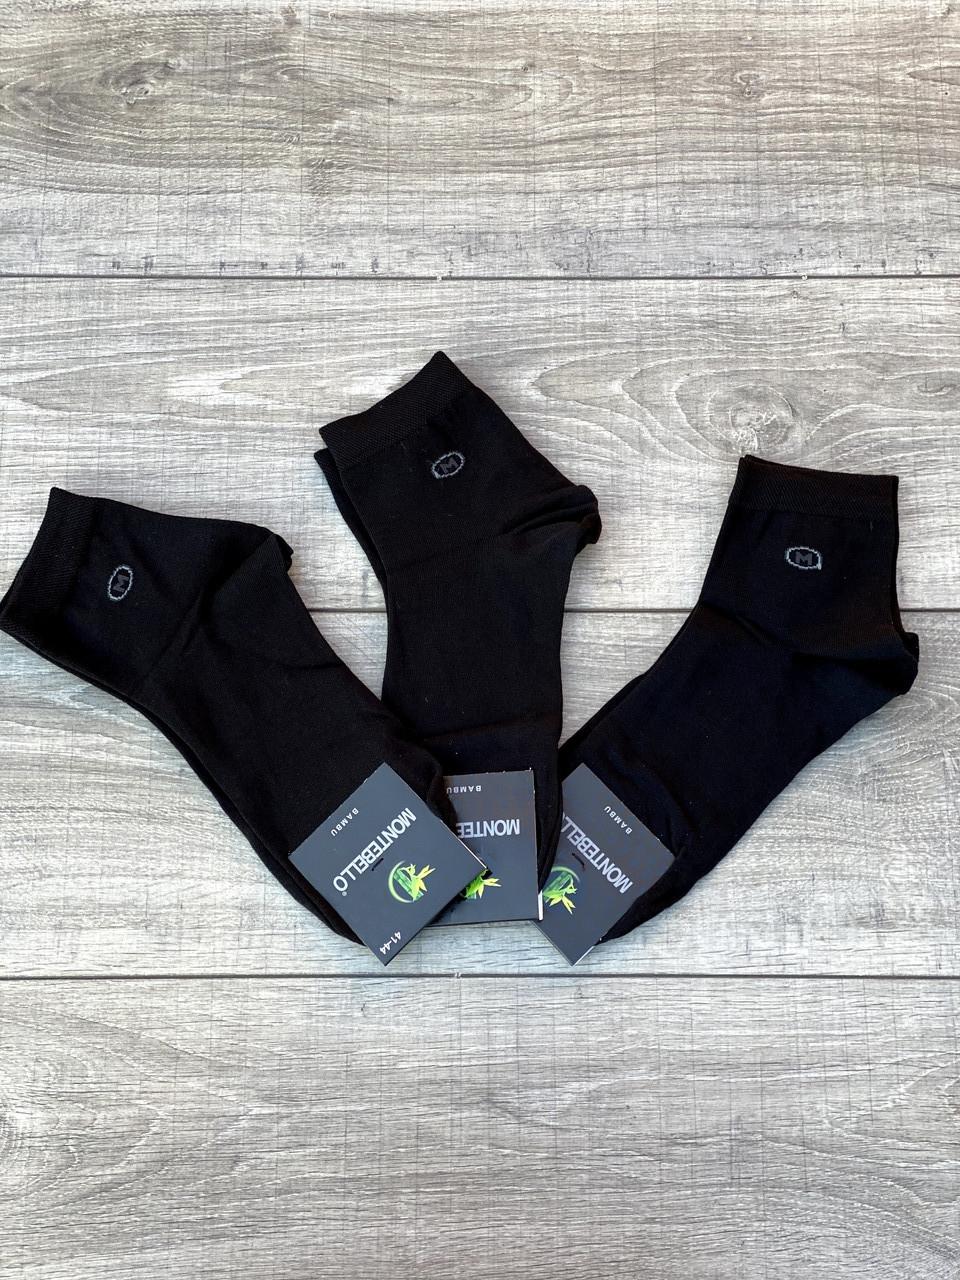 Чоловічі шкарпетки Montebello з бавовни 200 ниток з буквою М безшовні 41-44 12 шт в уп чорні